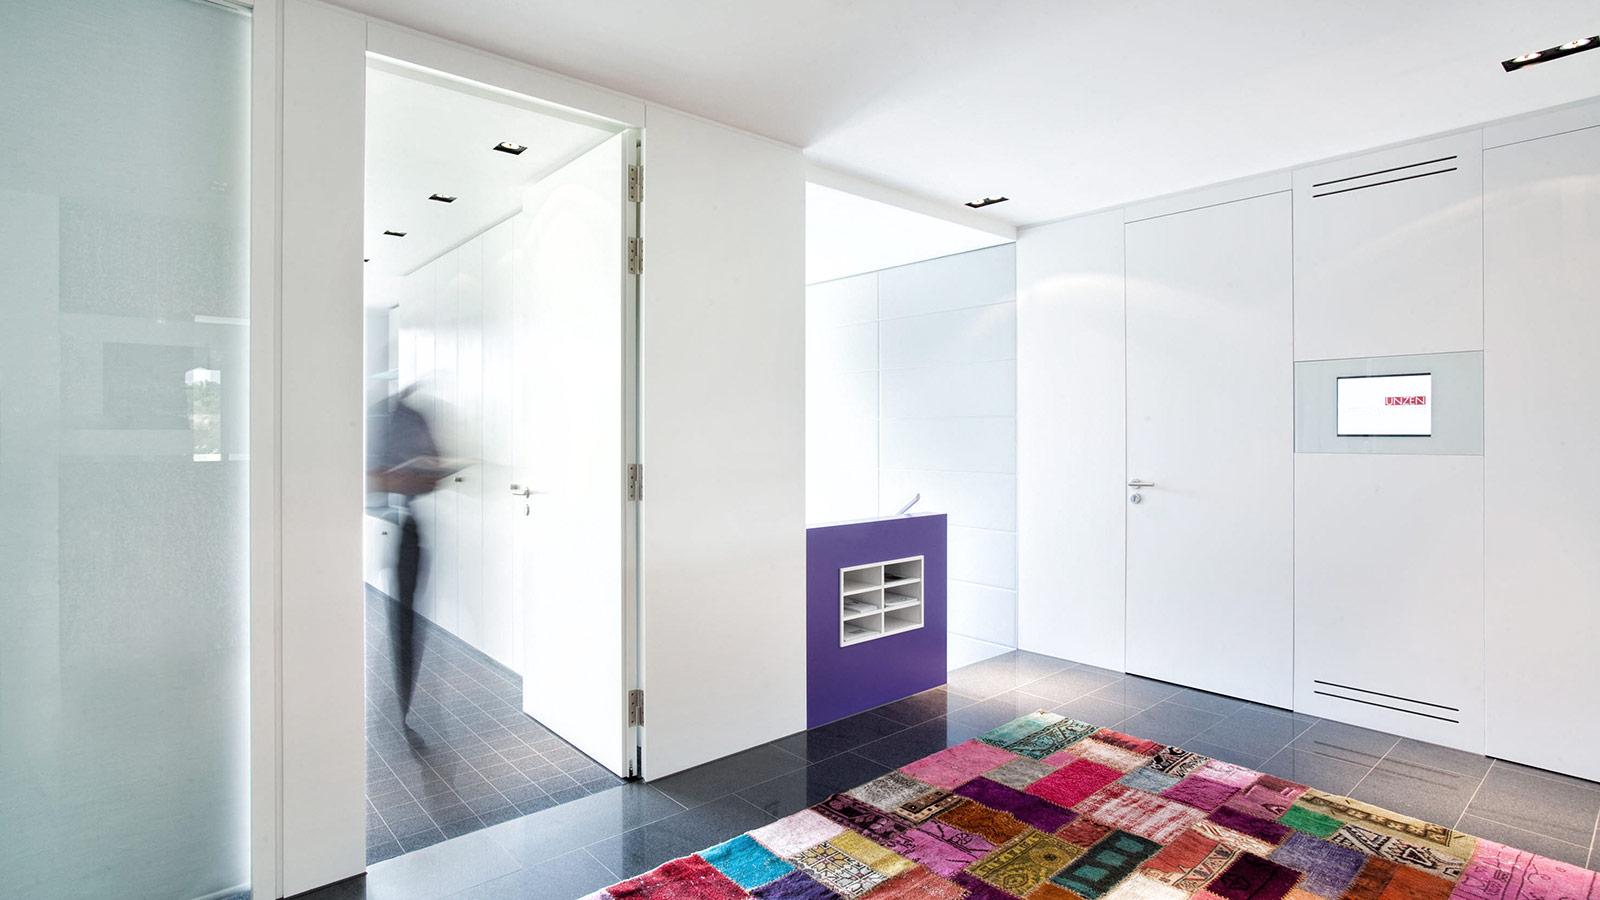 Unzen - Büro für Architektur, Objekt und Design